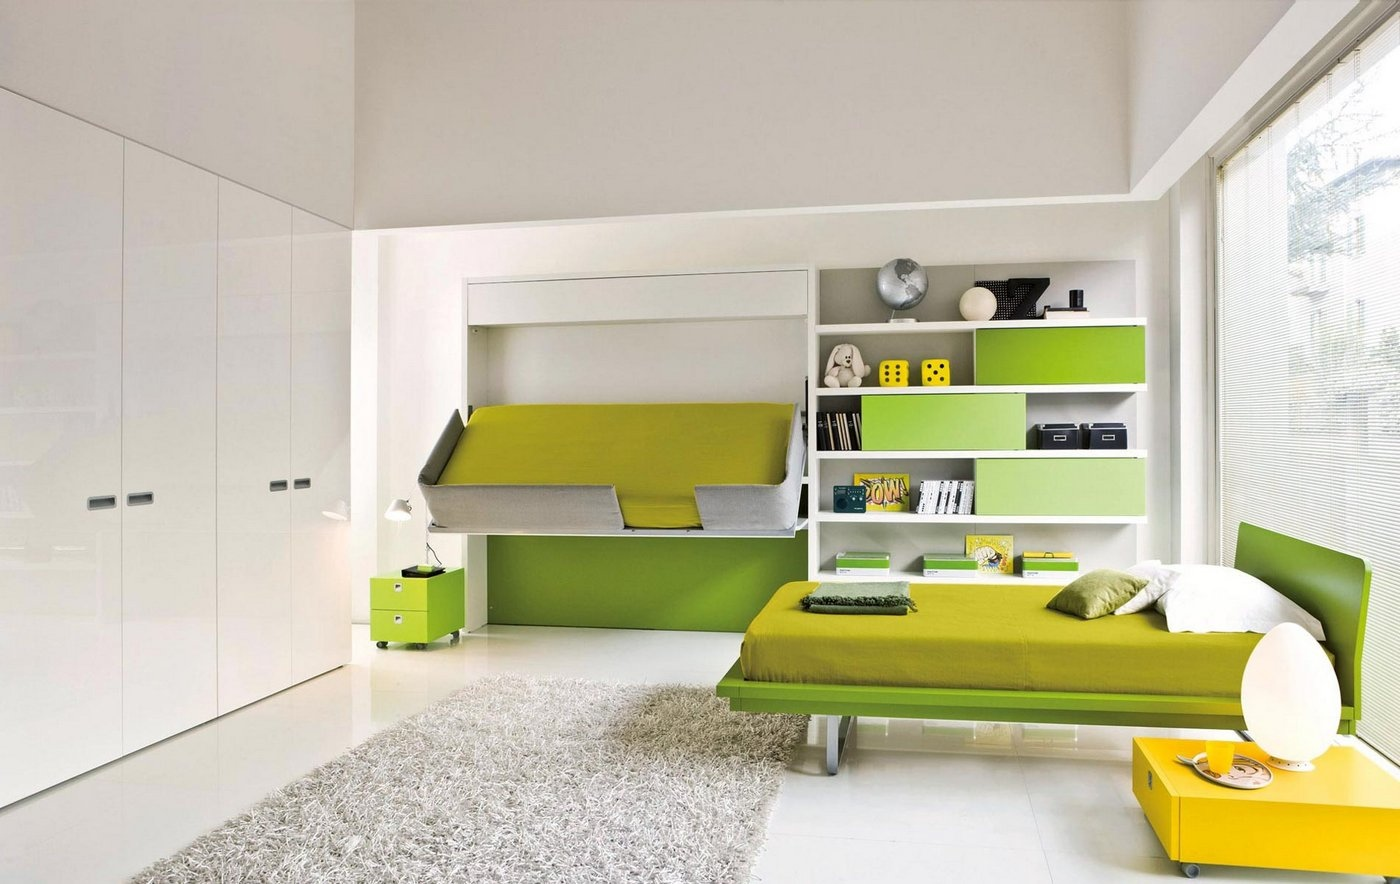 تخت کم جا در دکوراسیون لیمویی